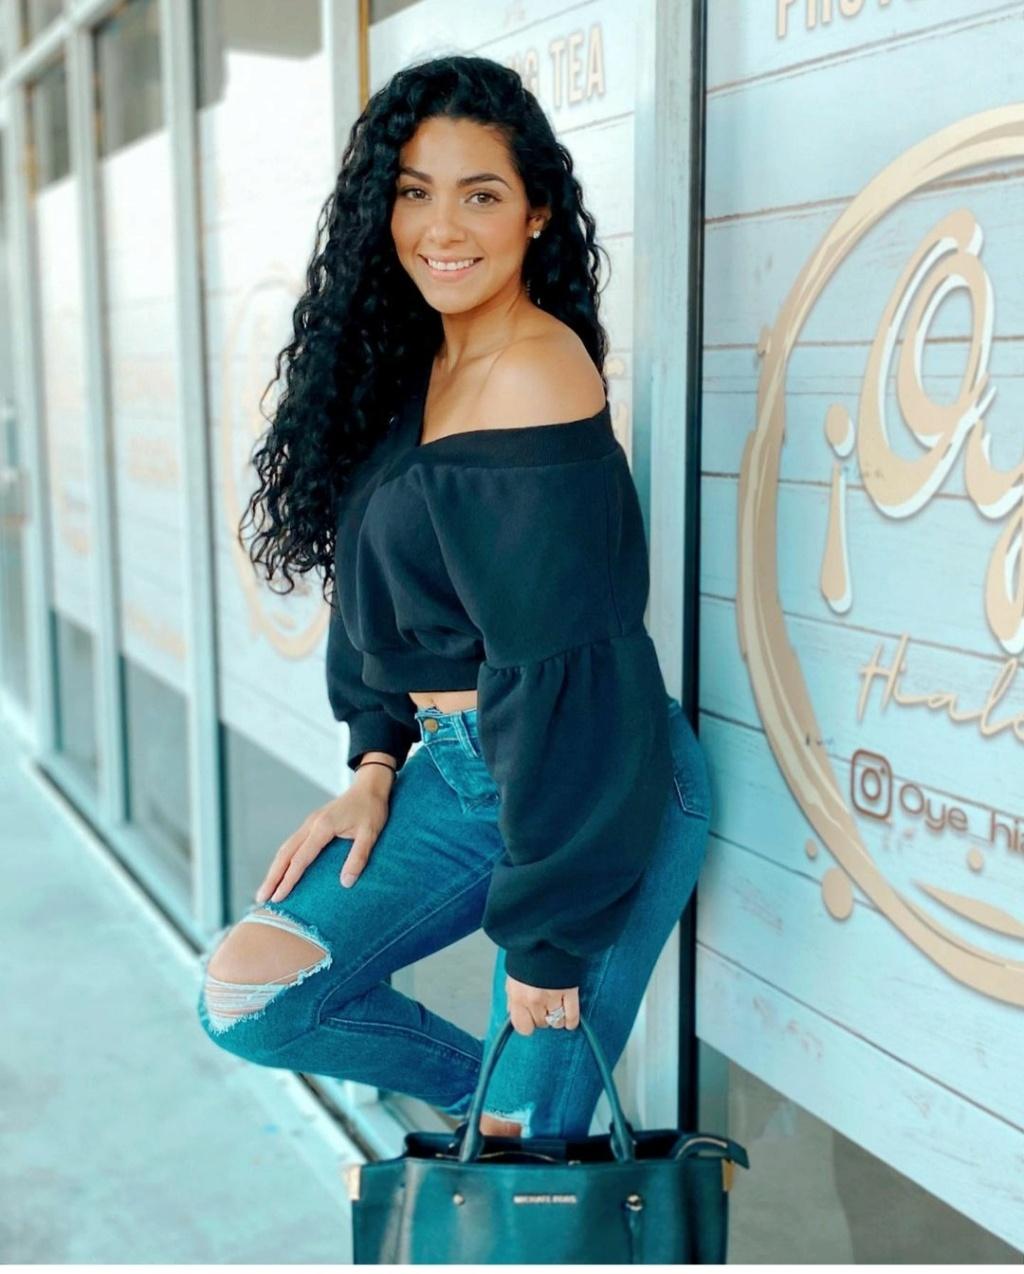 DEBATE sobre belleza, guapura y hermosura (fotos de chicas latinas, mestizas, y de todo) - VOL II - Página 13 Img_1638